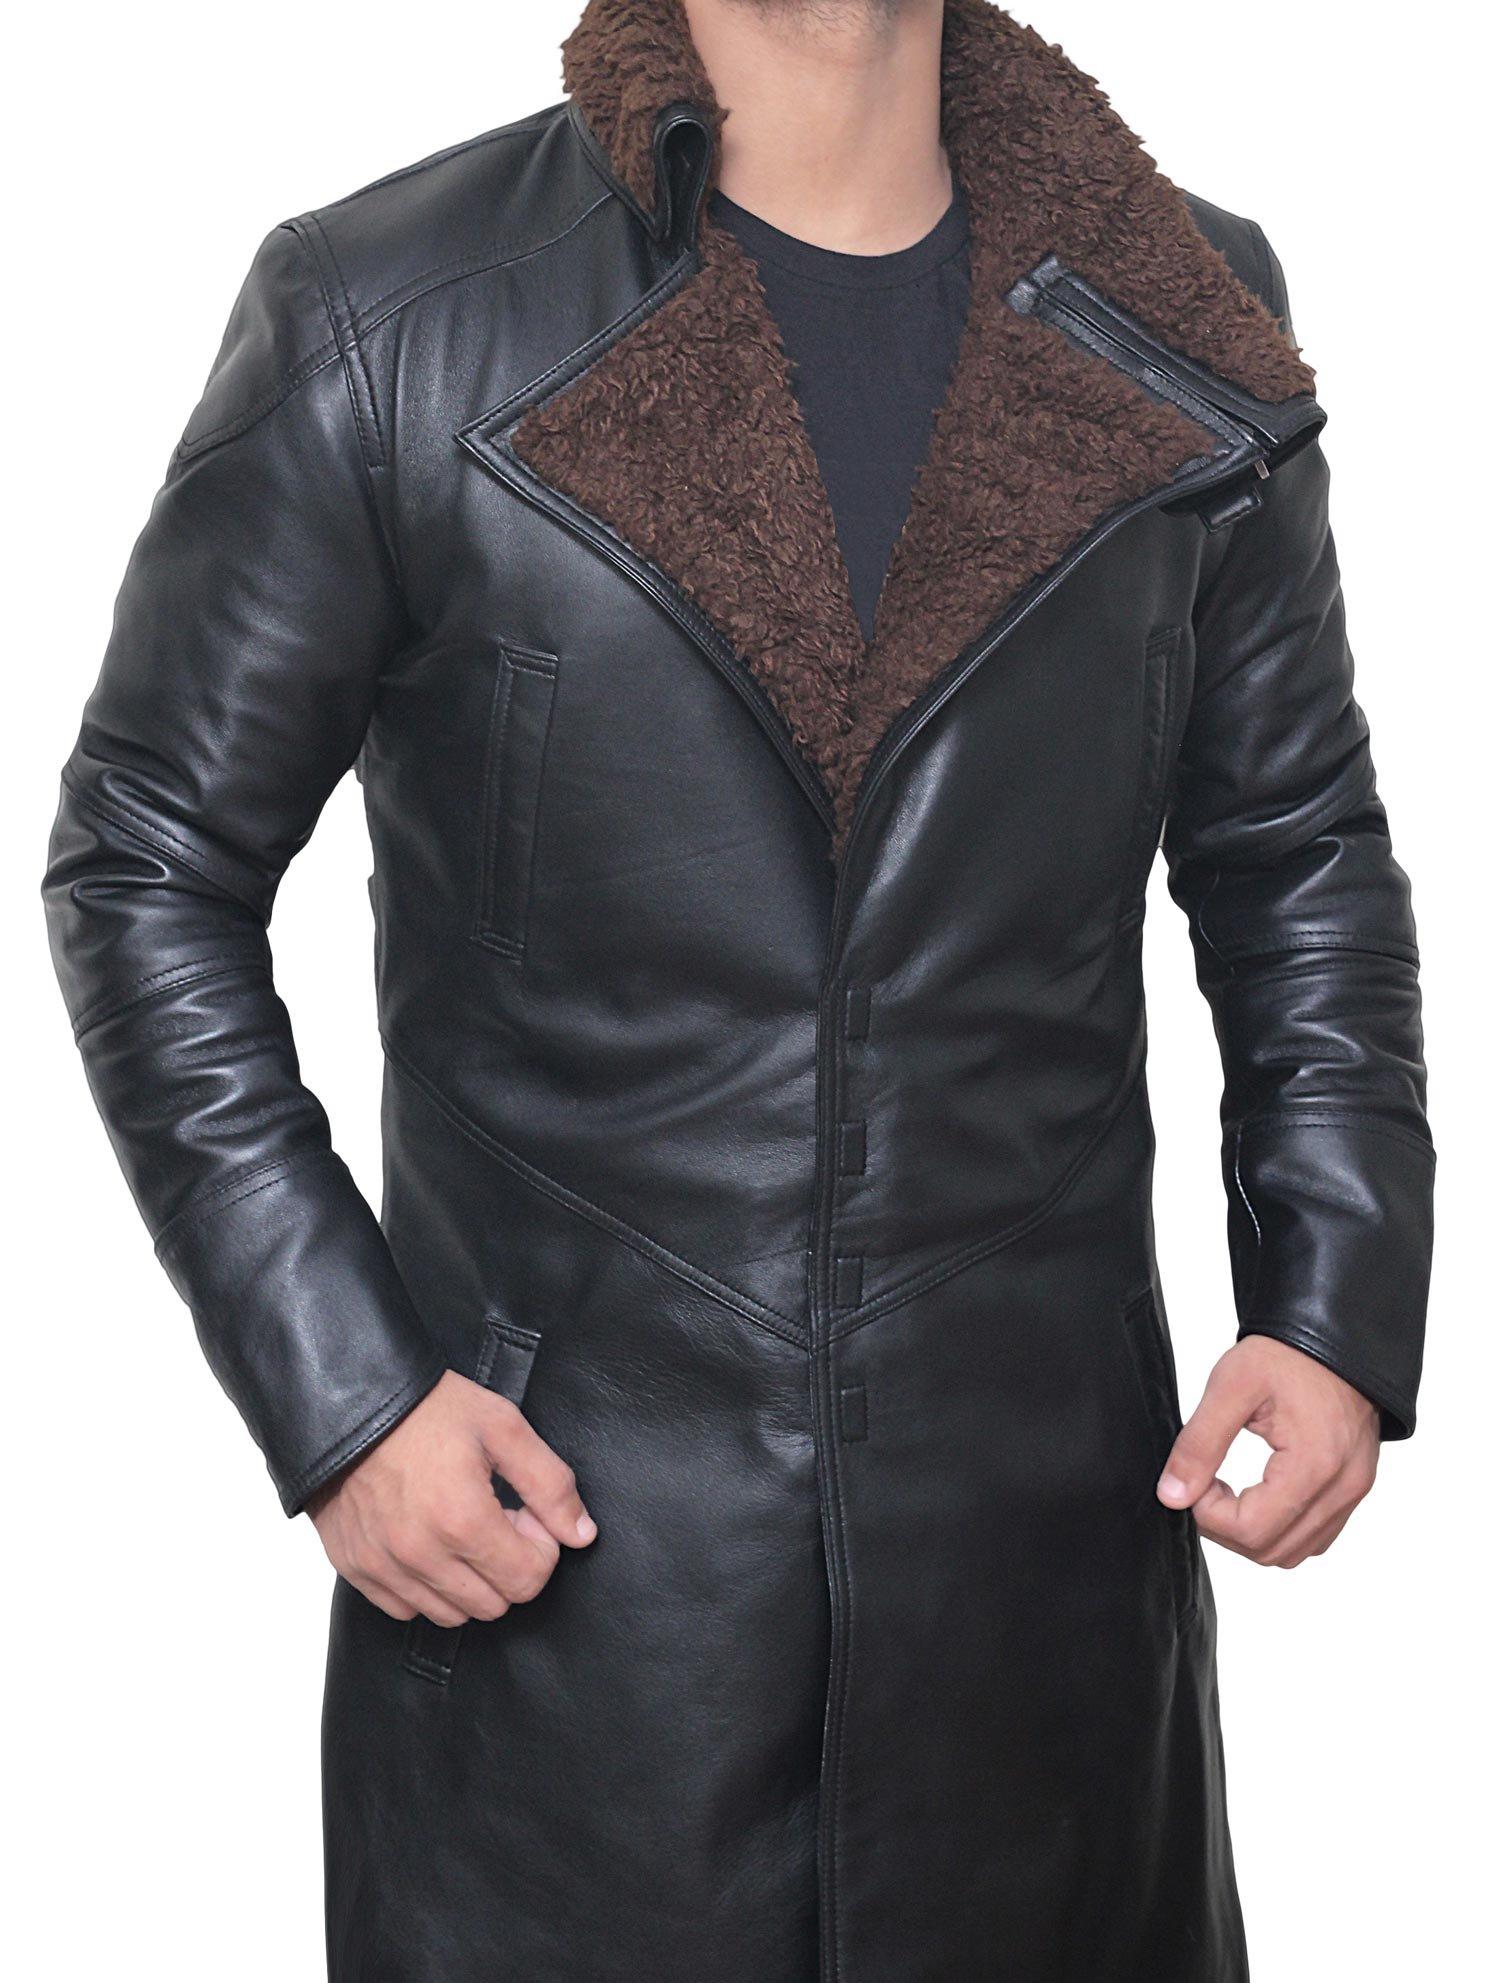 bladerunner Black leather Jacket for Men XXL